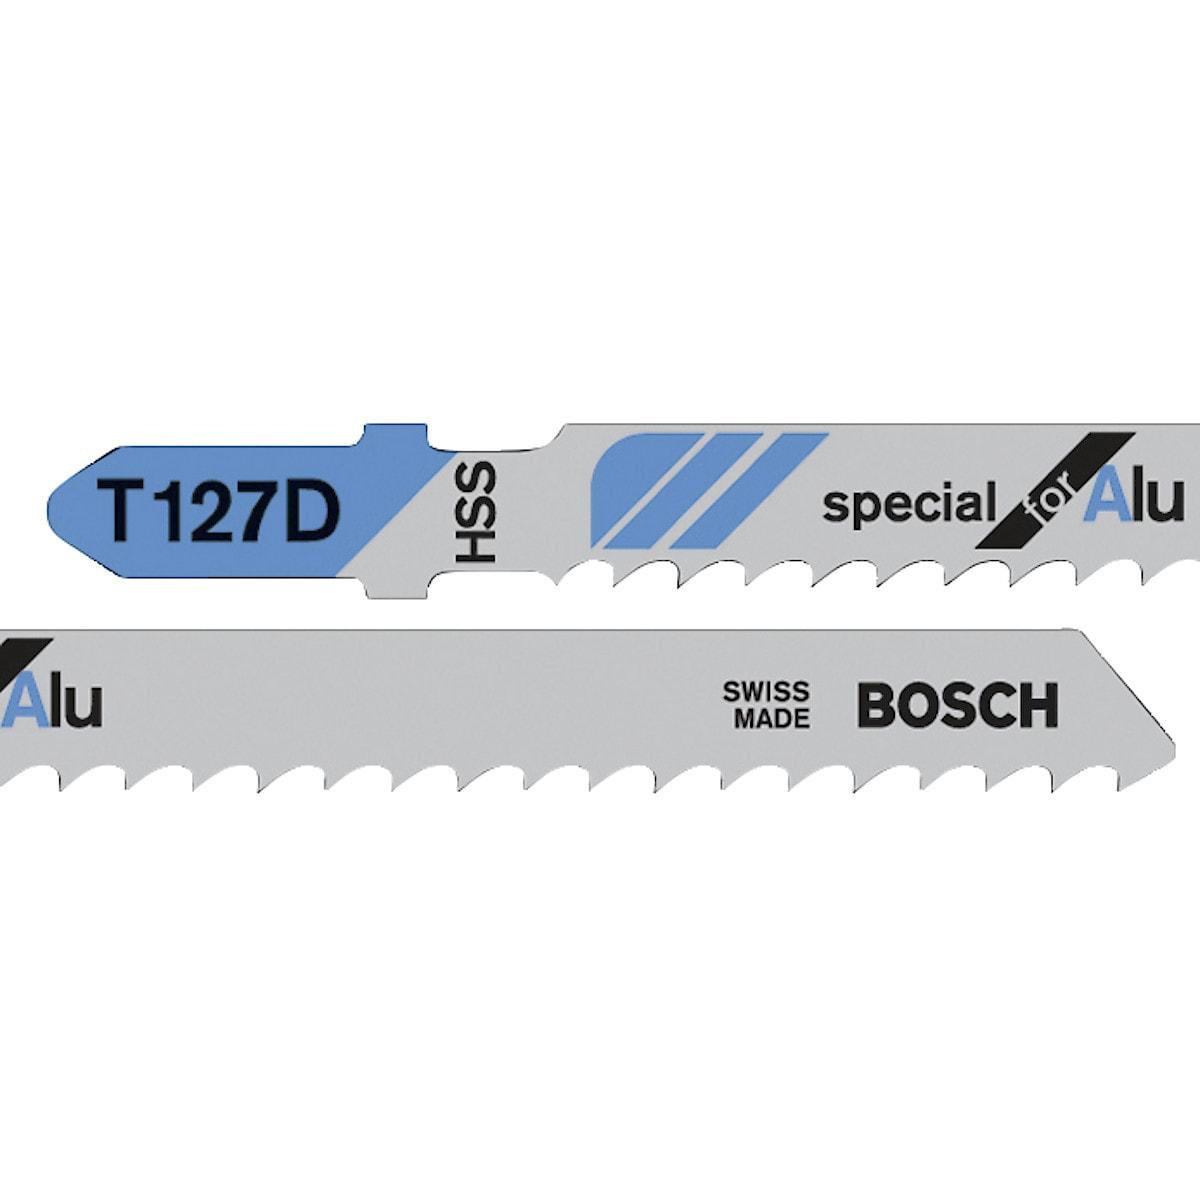 Sticksågsblad HSS T127D Bosch